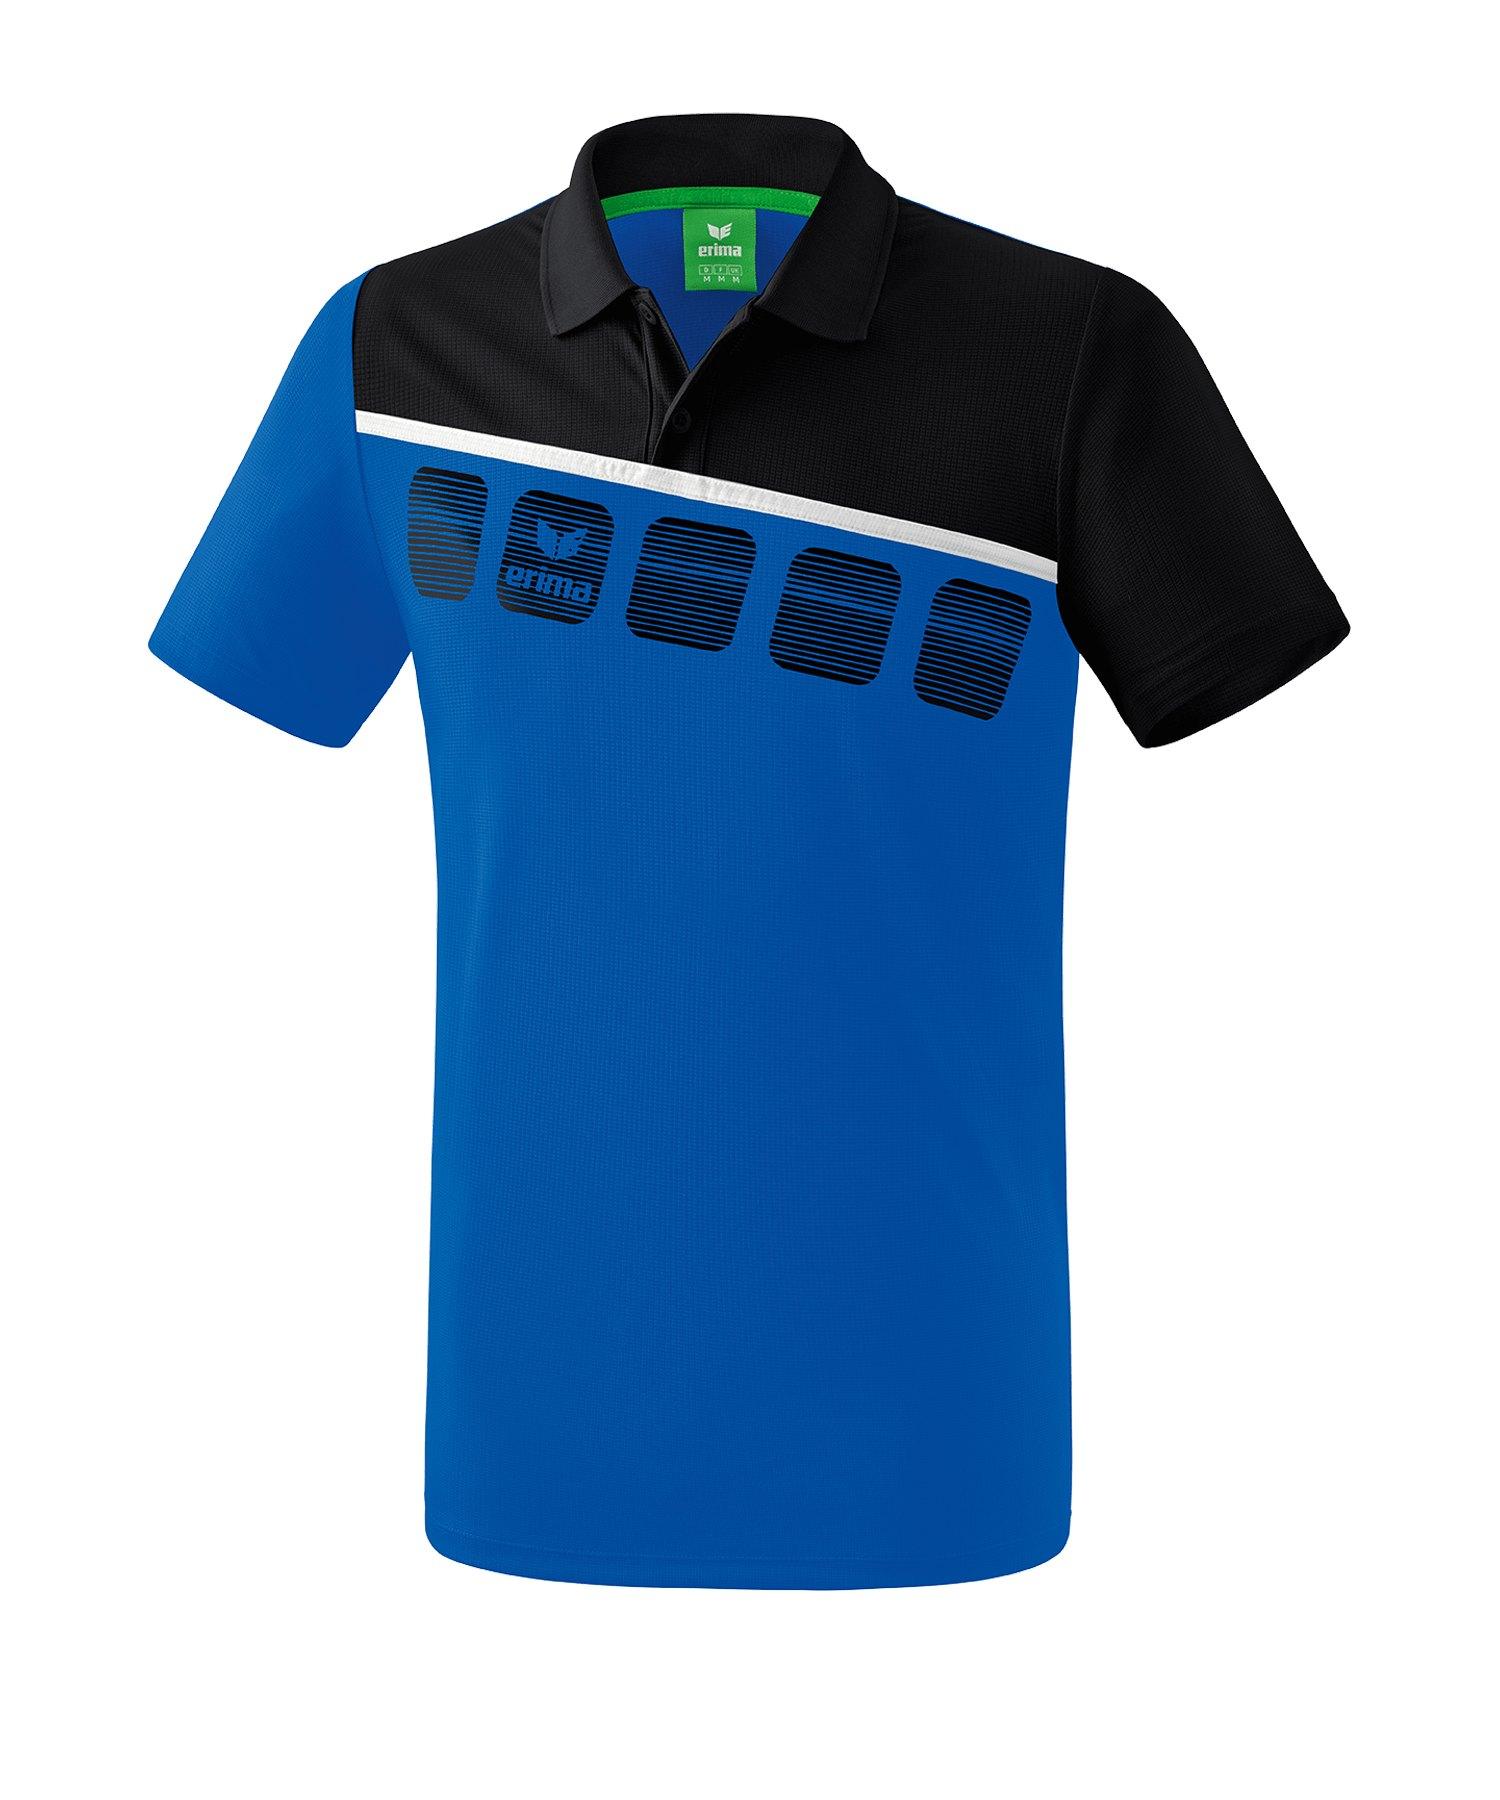 Erima 5-C Poloshirt Kids Blau Schwarz - Blau